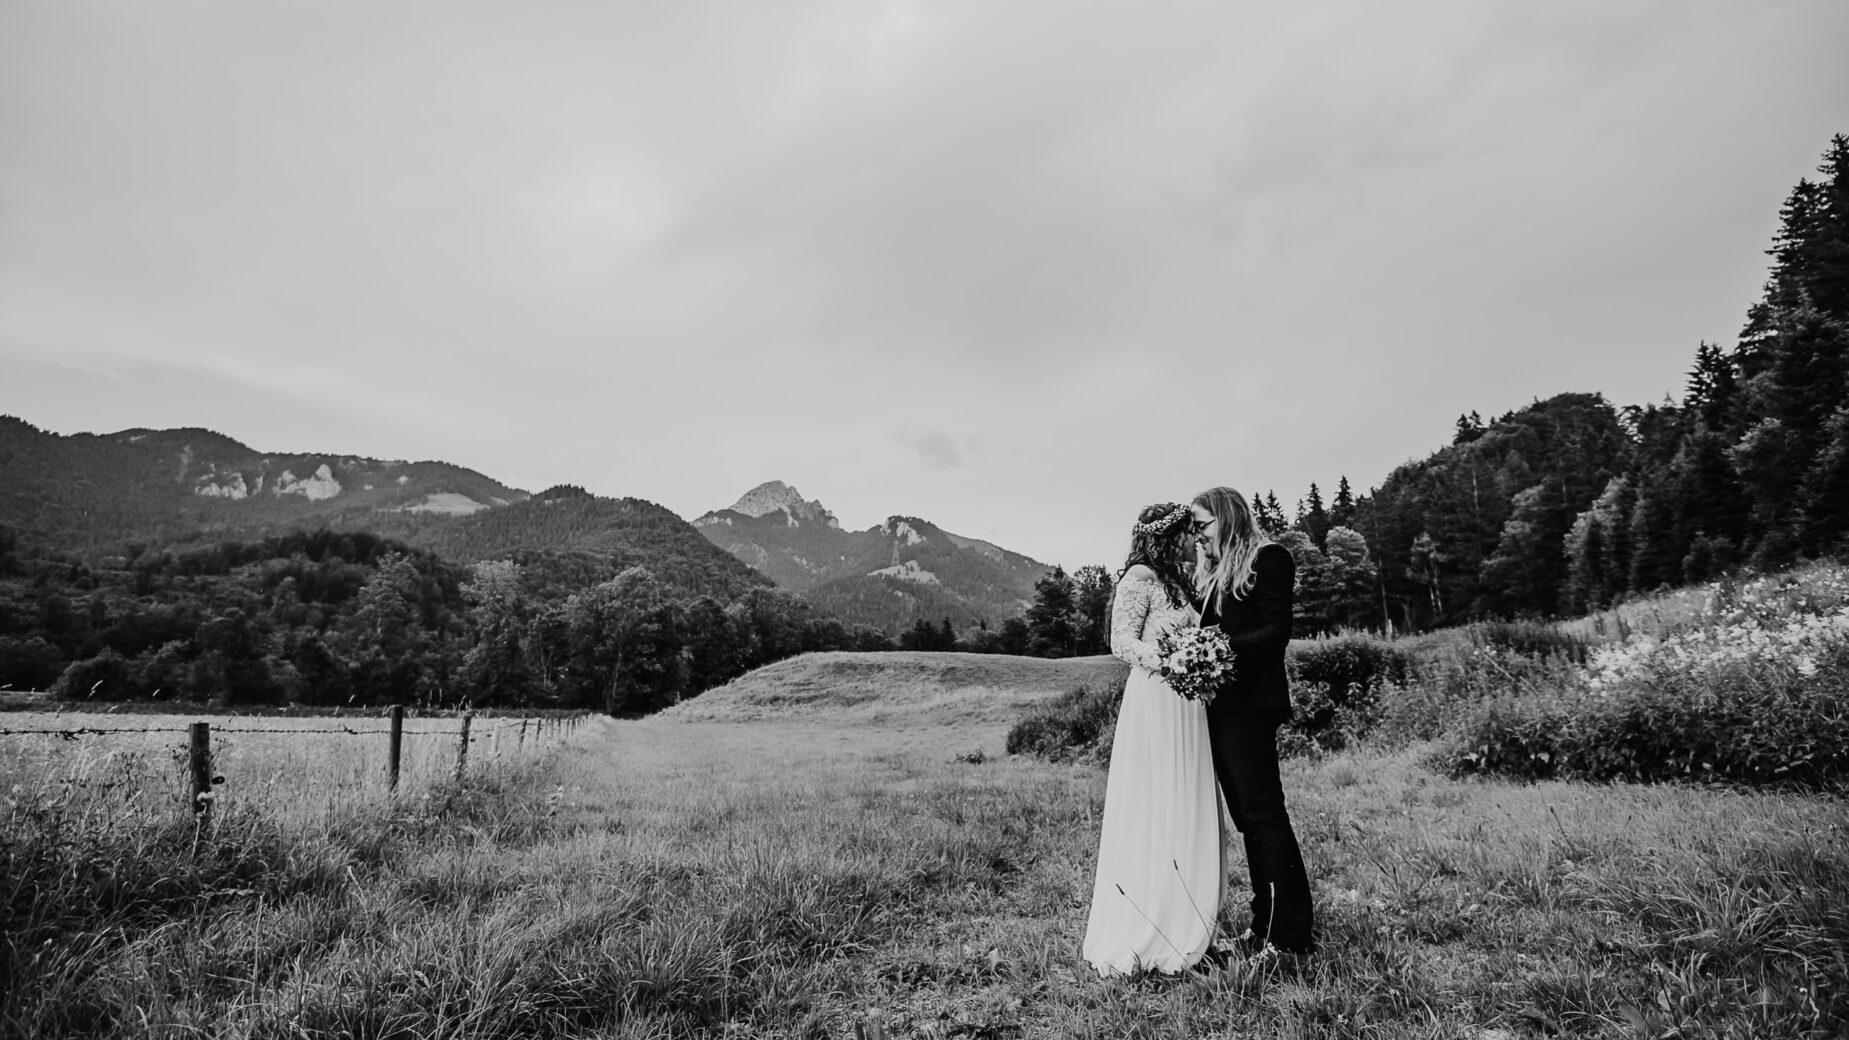 Professionelle Hochzeitsfotografie - Hochzeitsreportage am Hasenöhrlhof in den Bergen, Hochzeitsfotos von Mica Zeitz, Jung und Wild design rund um München, Ingolstadt, Pfaffenhofen, Augsburg